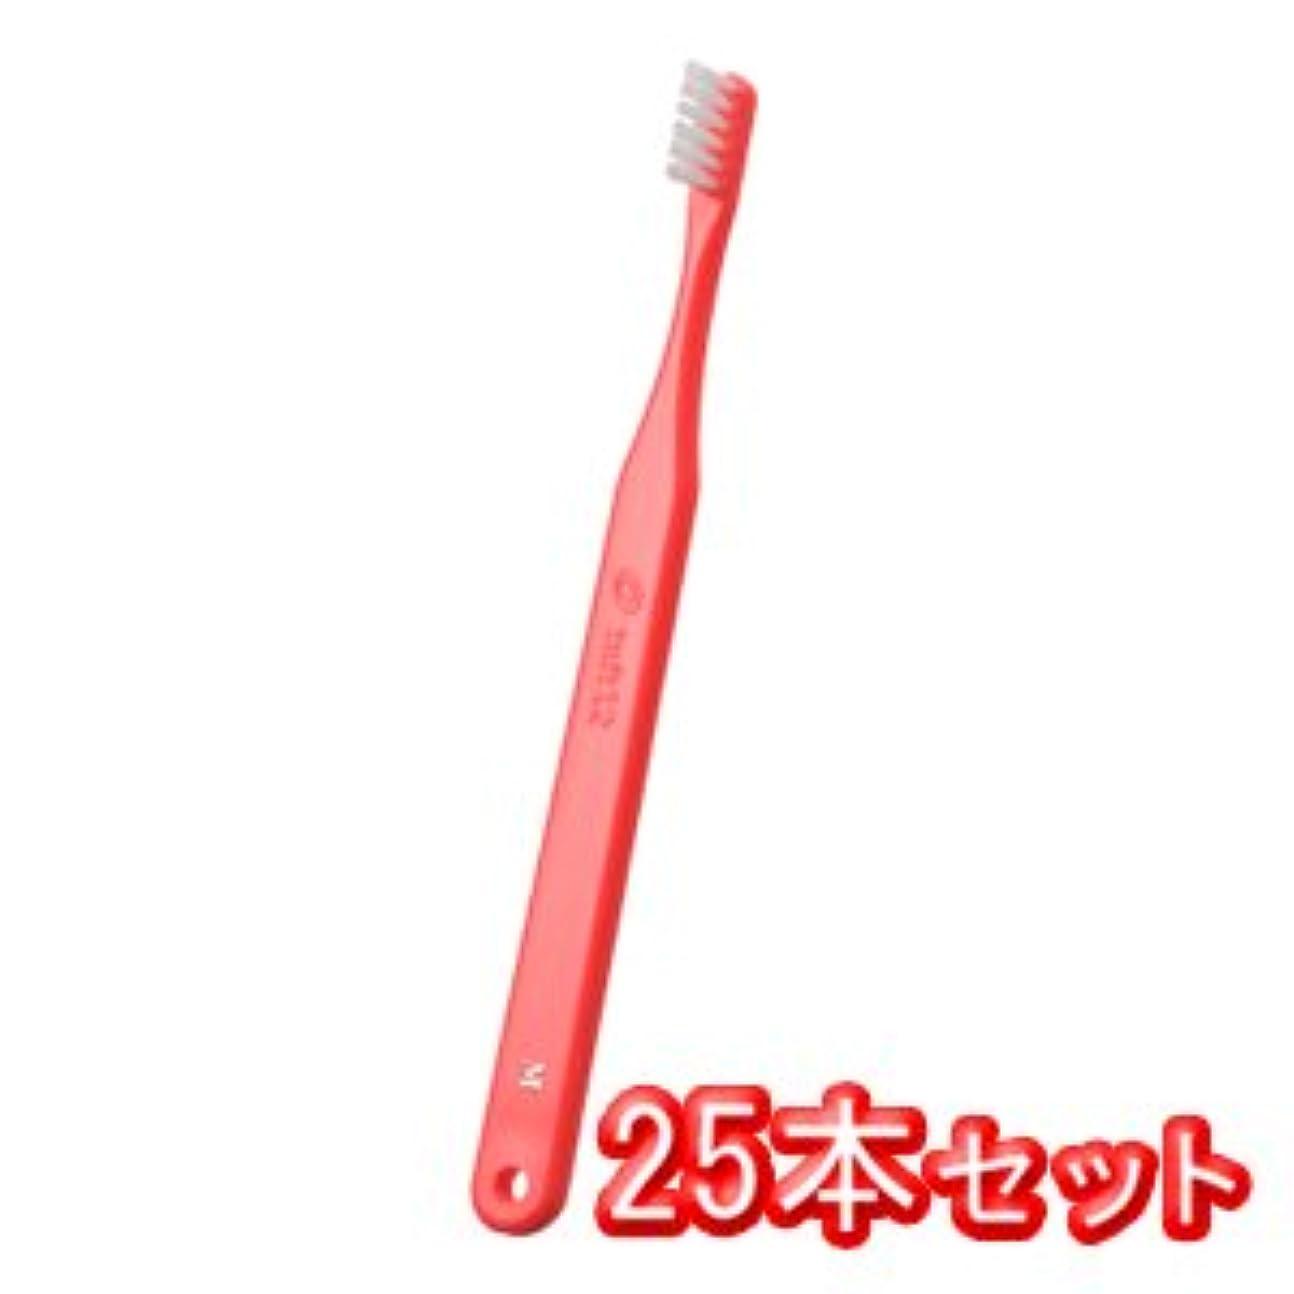 妥協廃止する偶然オーラルケア タフト12 歯ブラシ 25本入 ミディアム M レッド